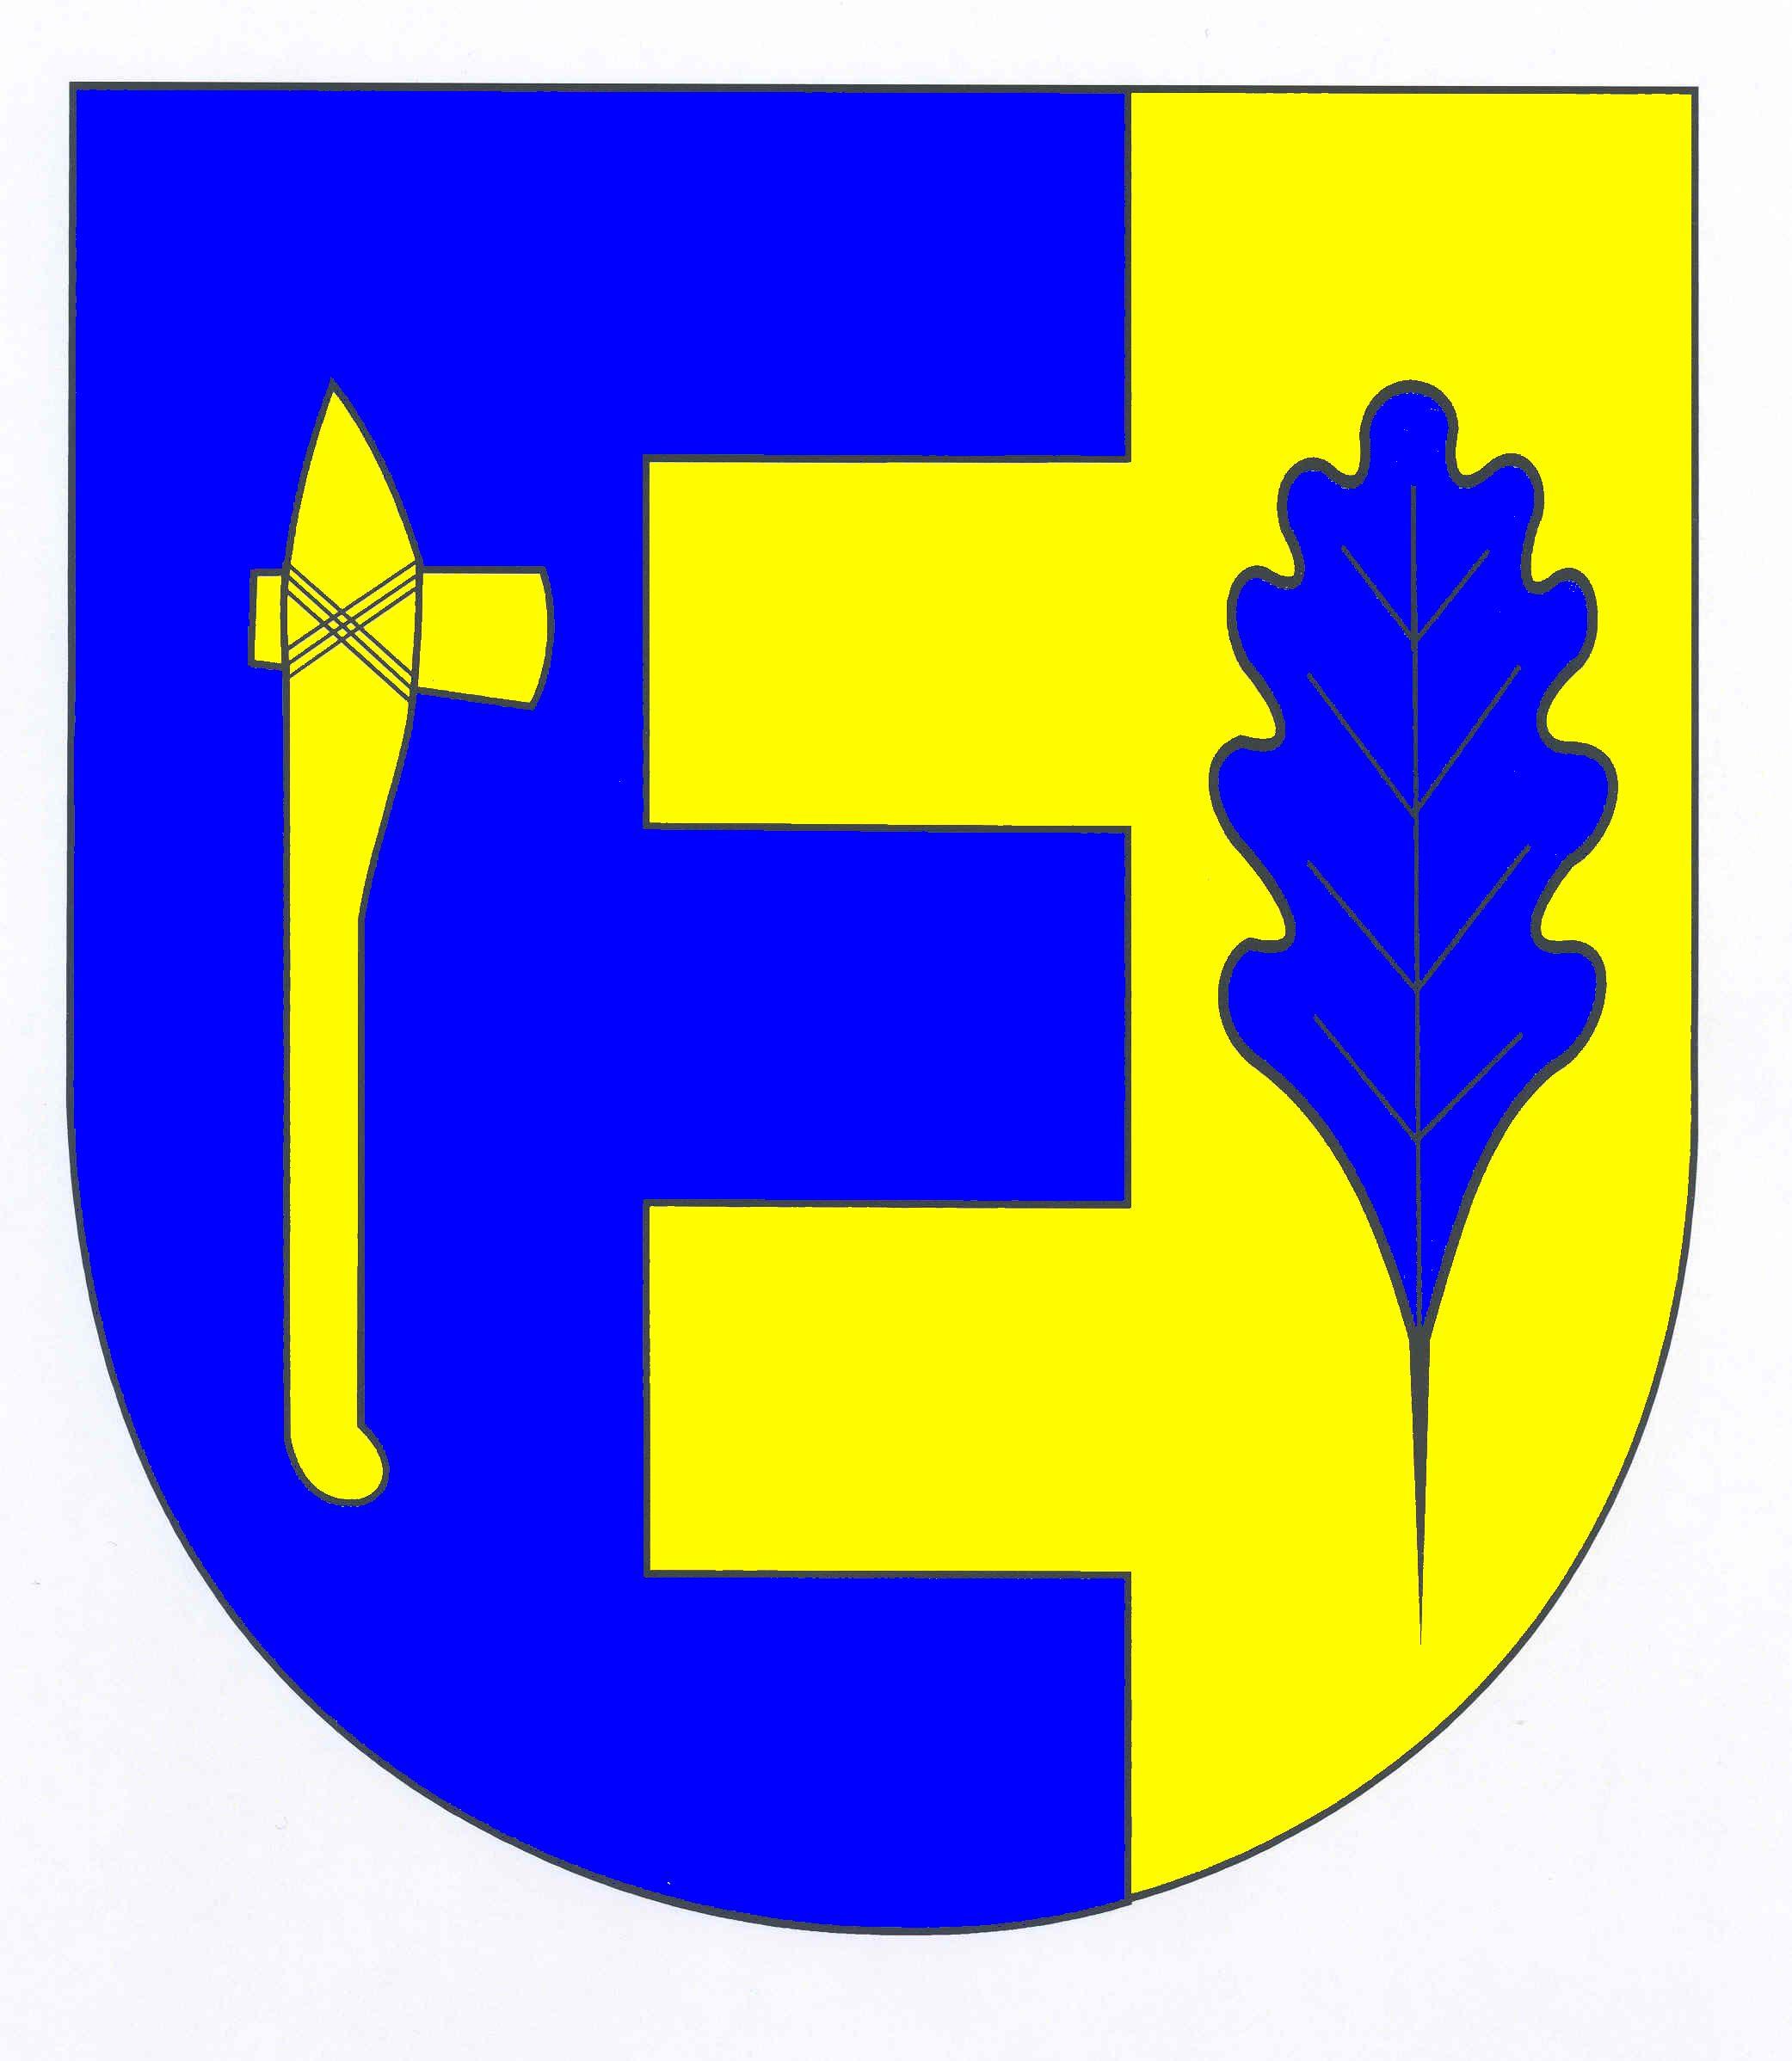 Wappen GemeindeEisendorf, Kreis Rendsburg-Eckernförde